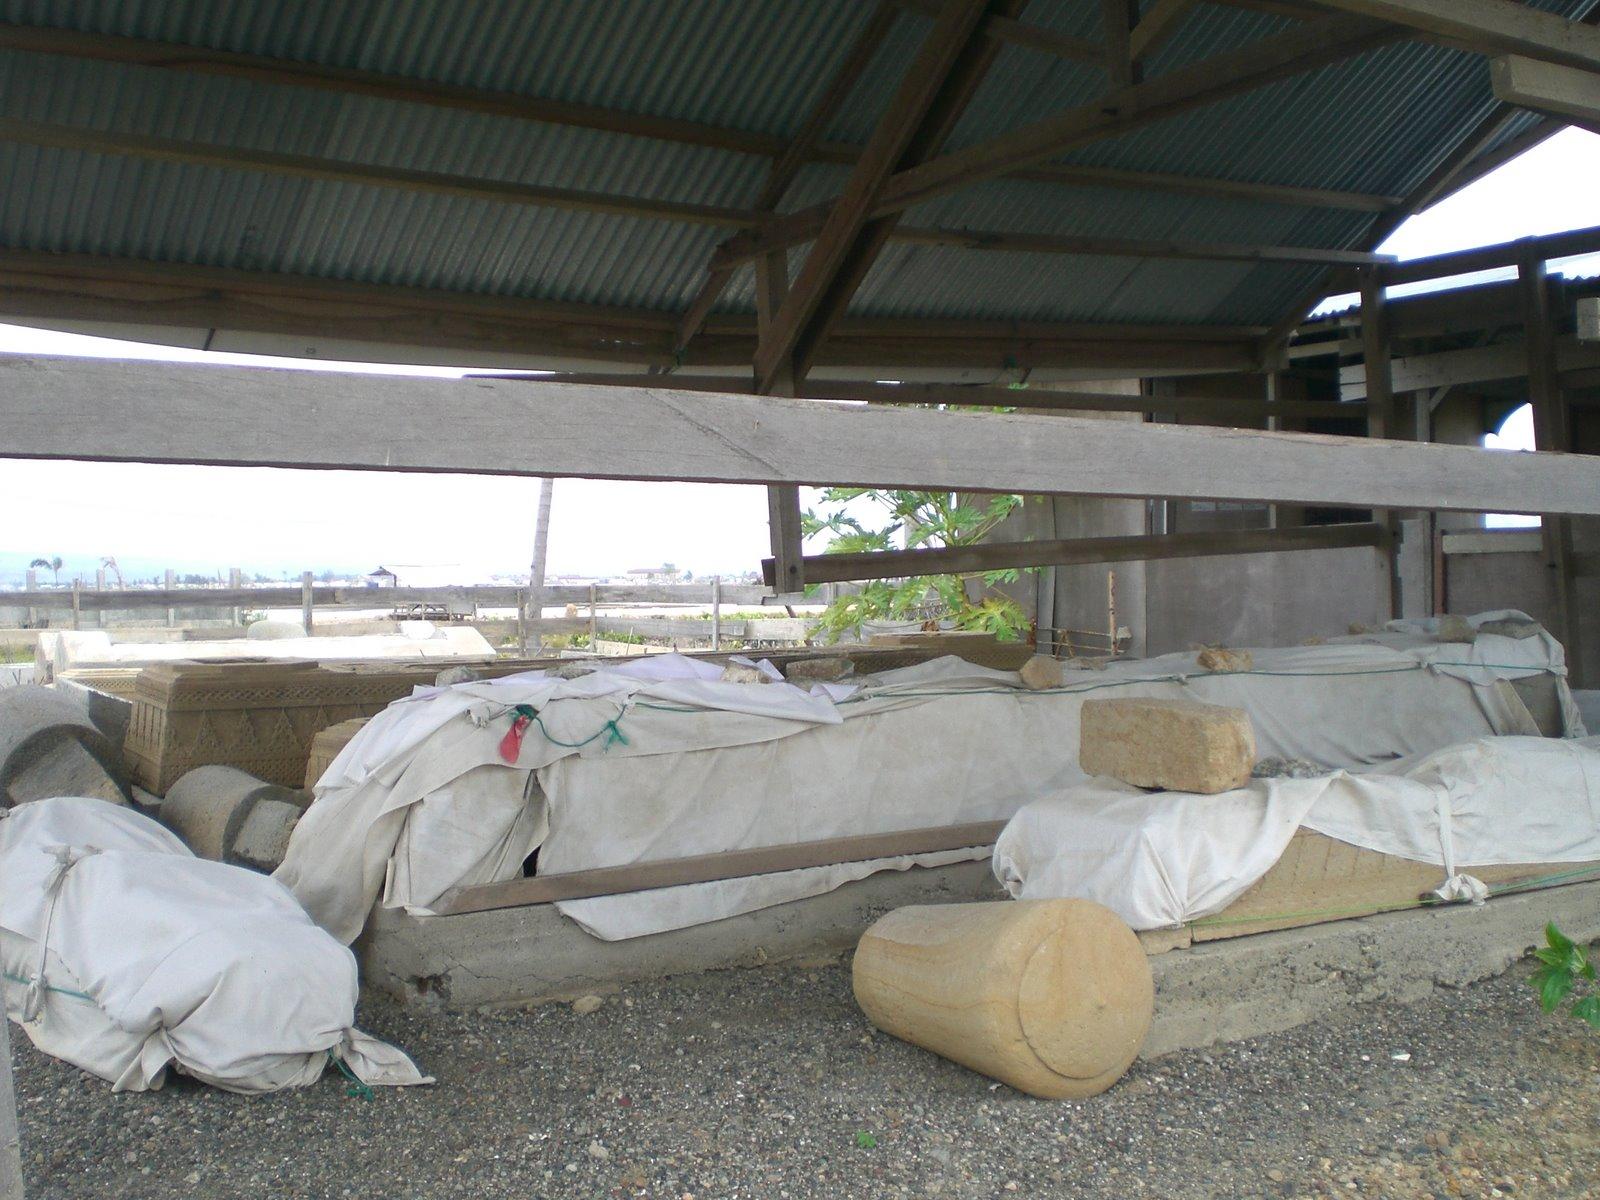 Tempat Peninggalan Sejarah Aceh Litbangserambinewspapers Makam Syiah Kuala Terletak Jln